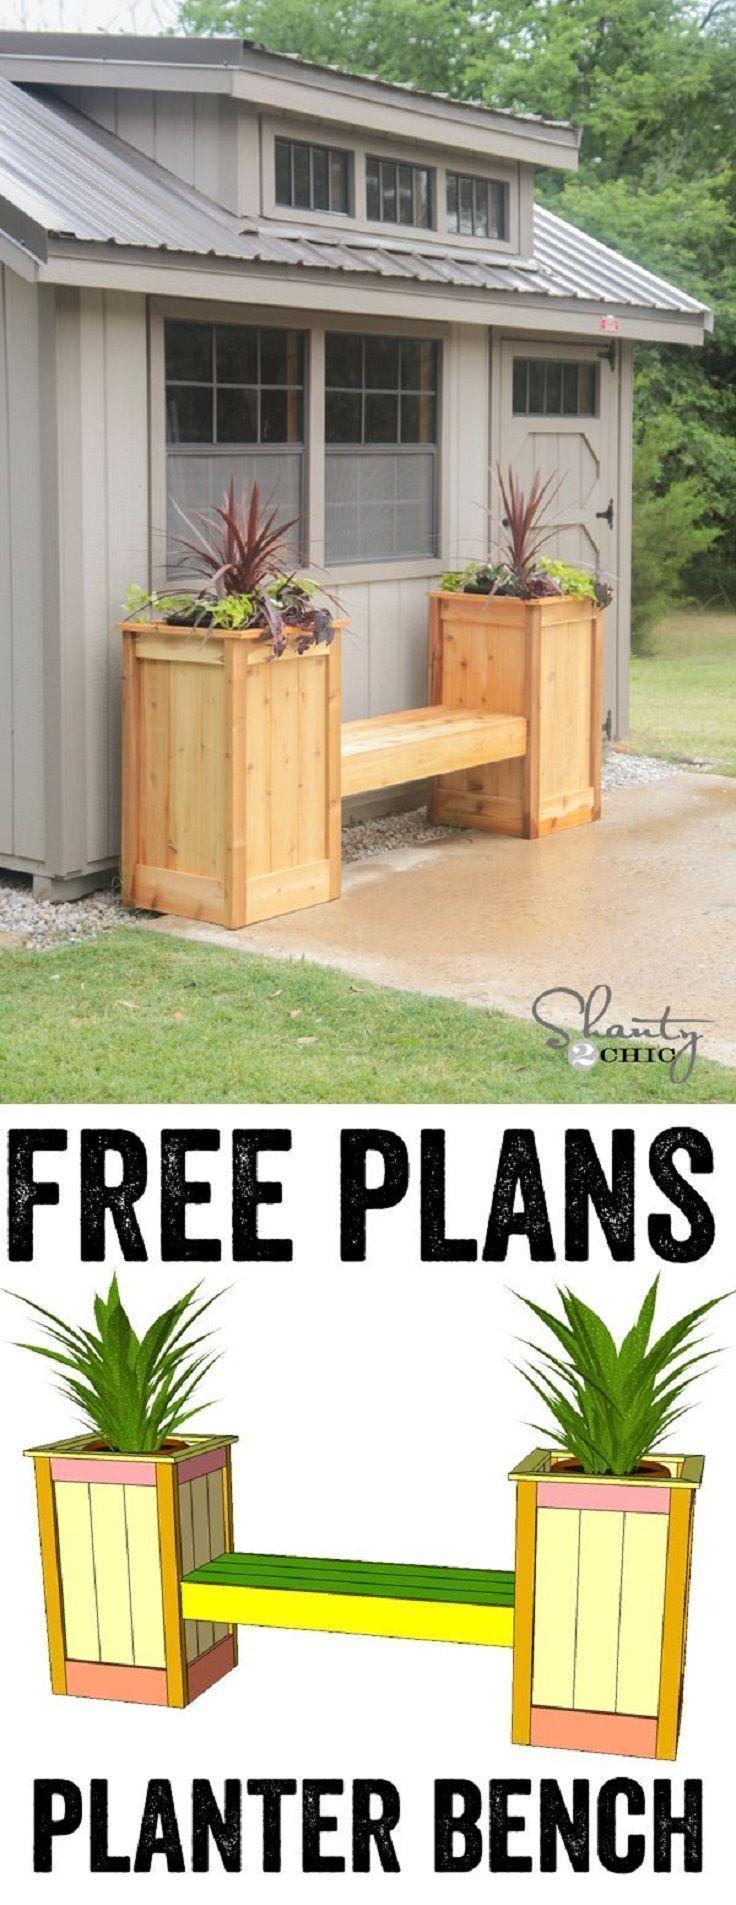 DIY Planter Box Bench 15 praktische DIY-Holzbearbeitungsideen für Ihr Heim #wo… #WoodWorking